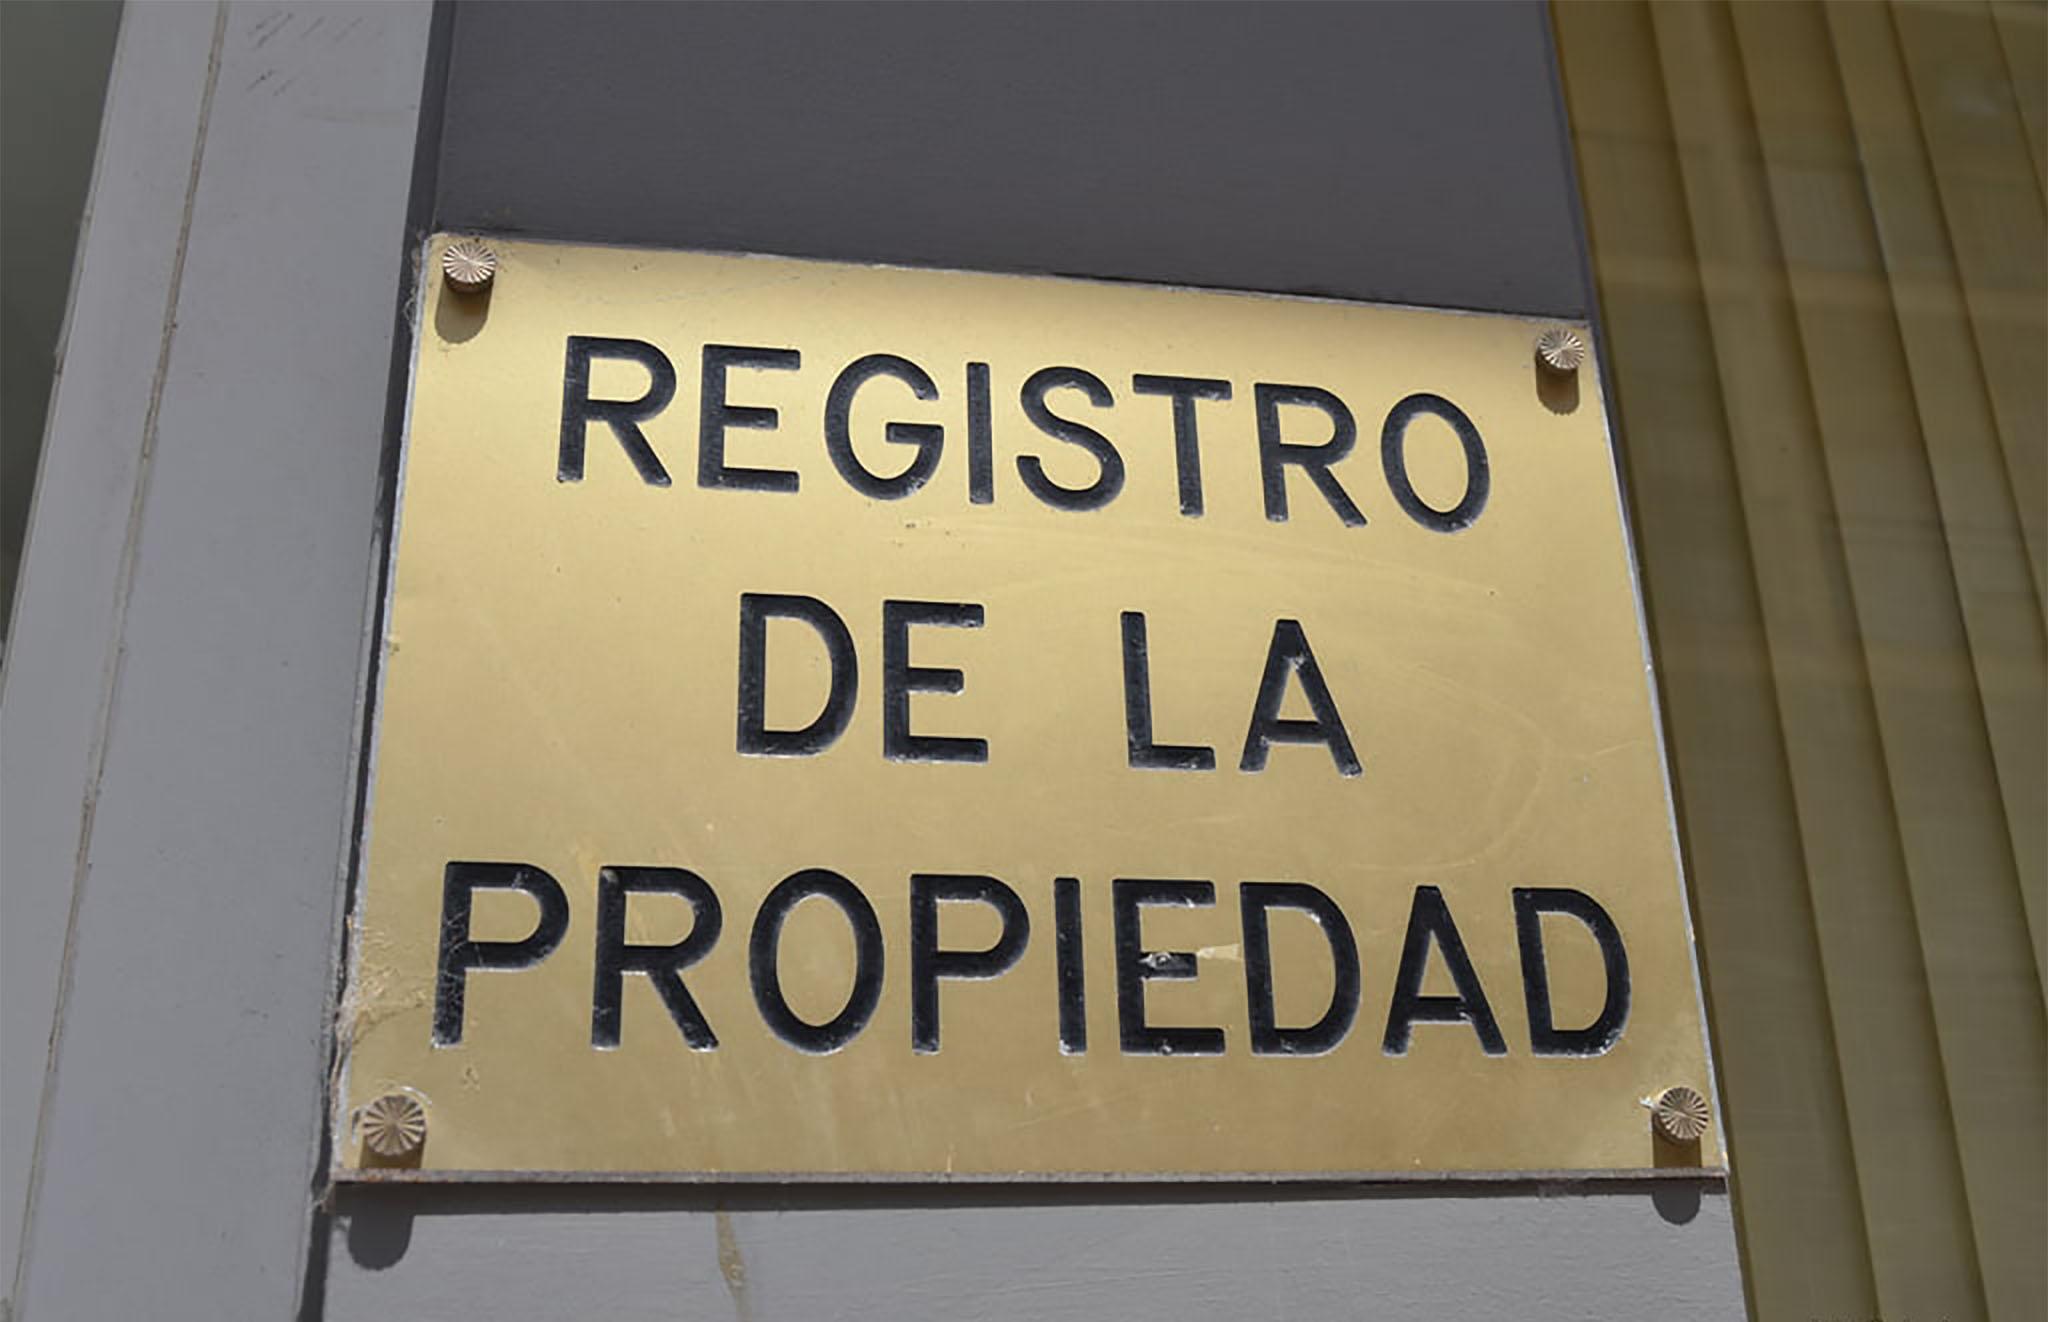 Registro de la propiedad d nia d - Registro propiedad cuellar ...